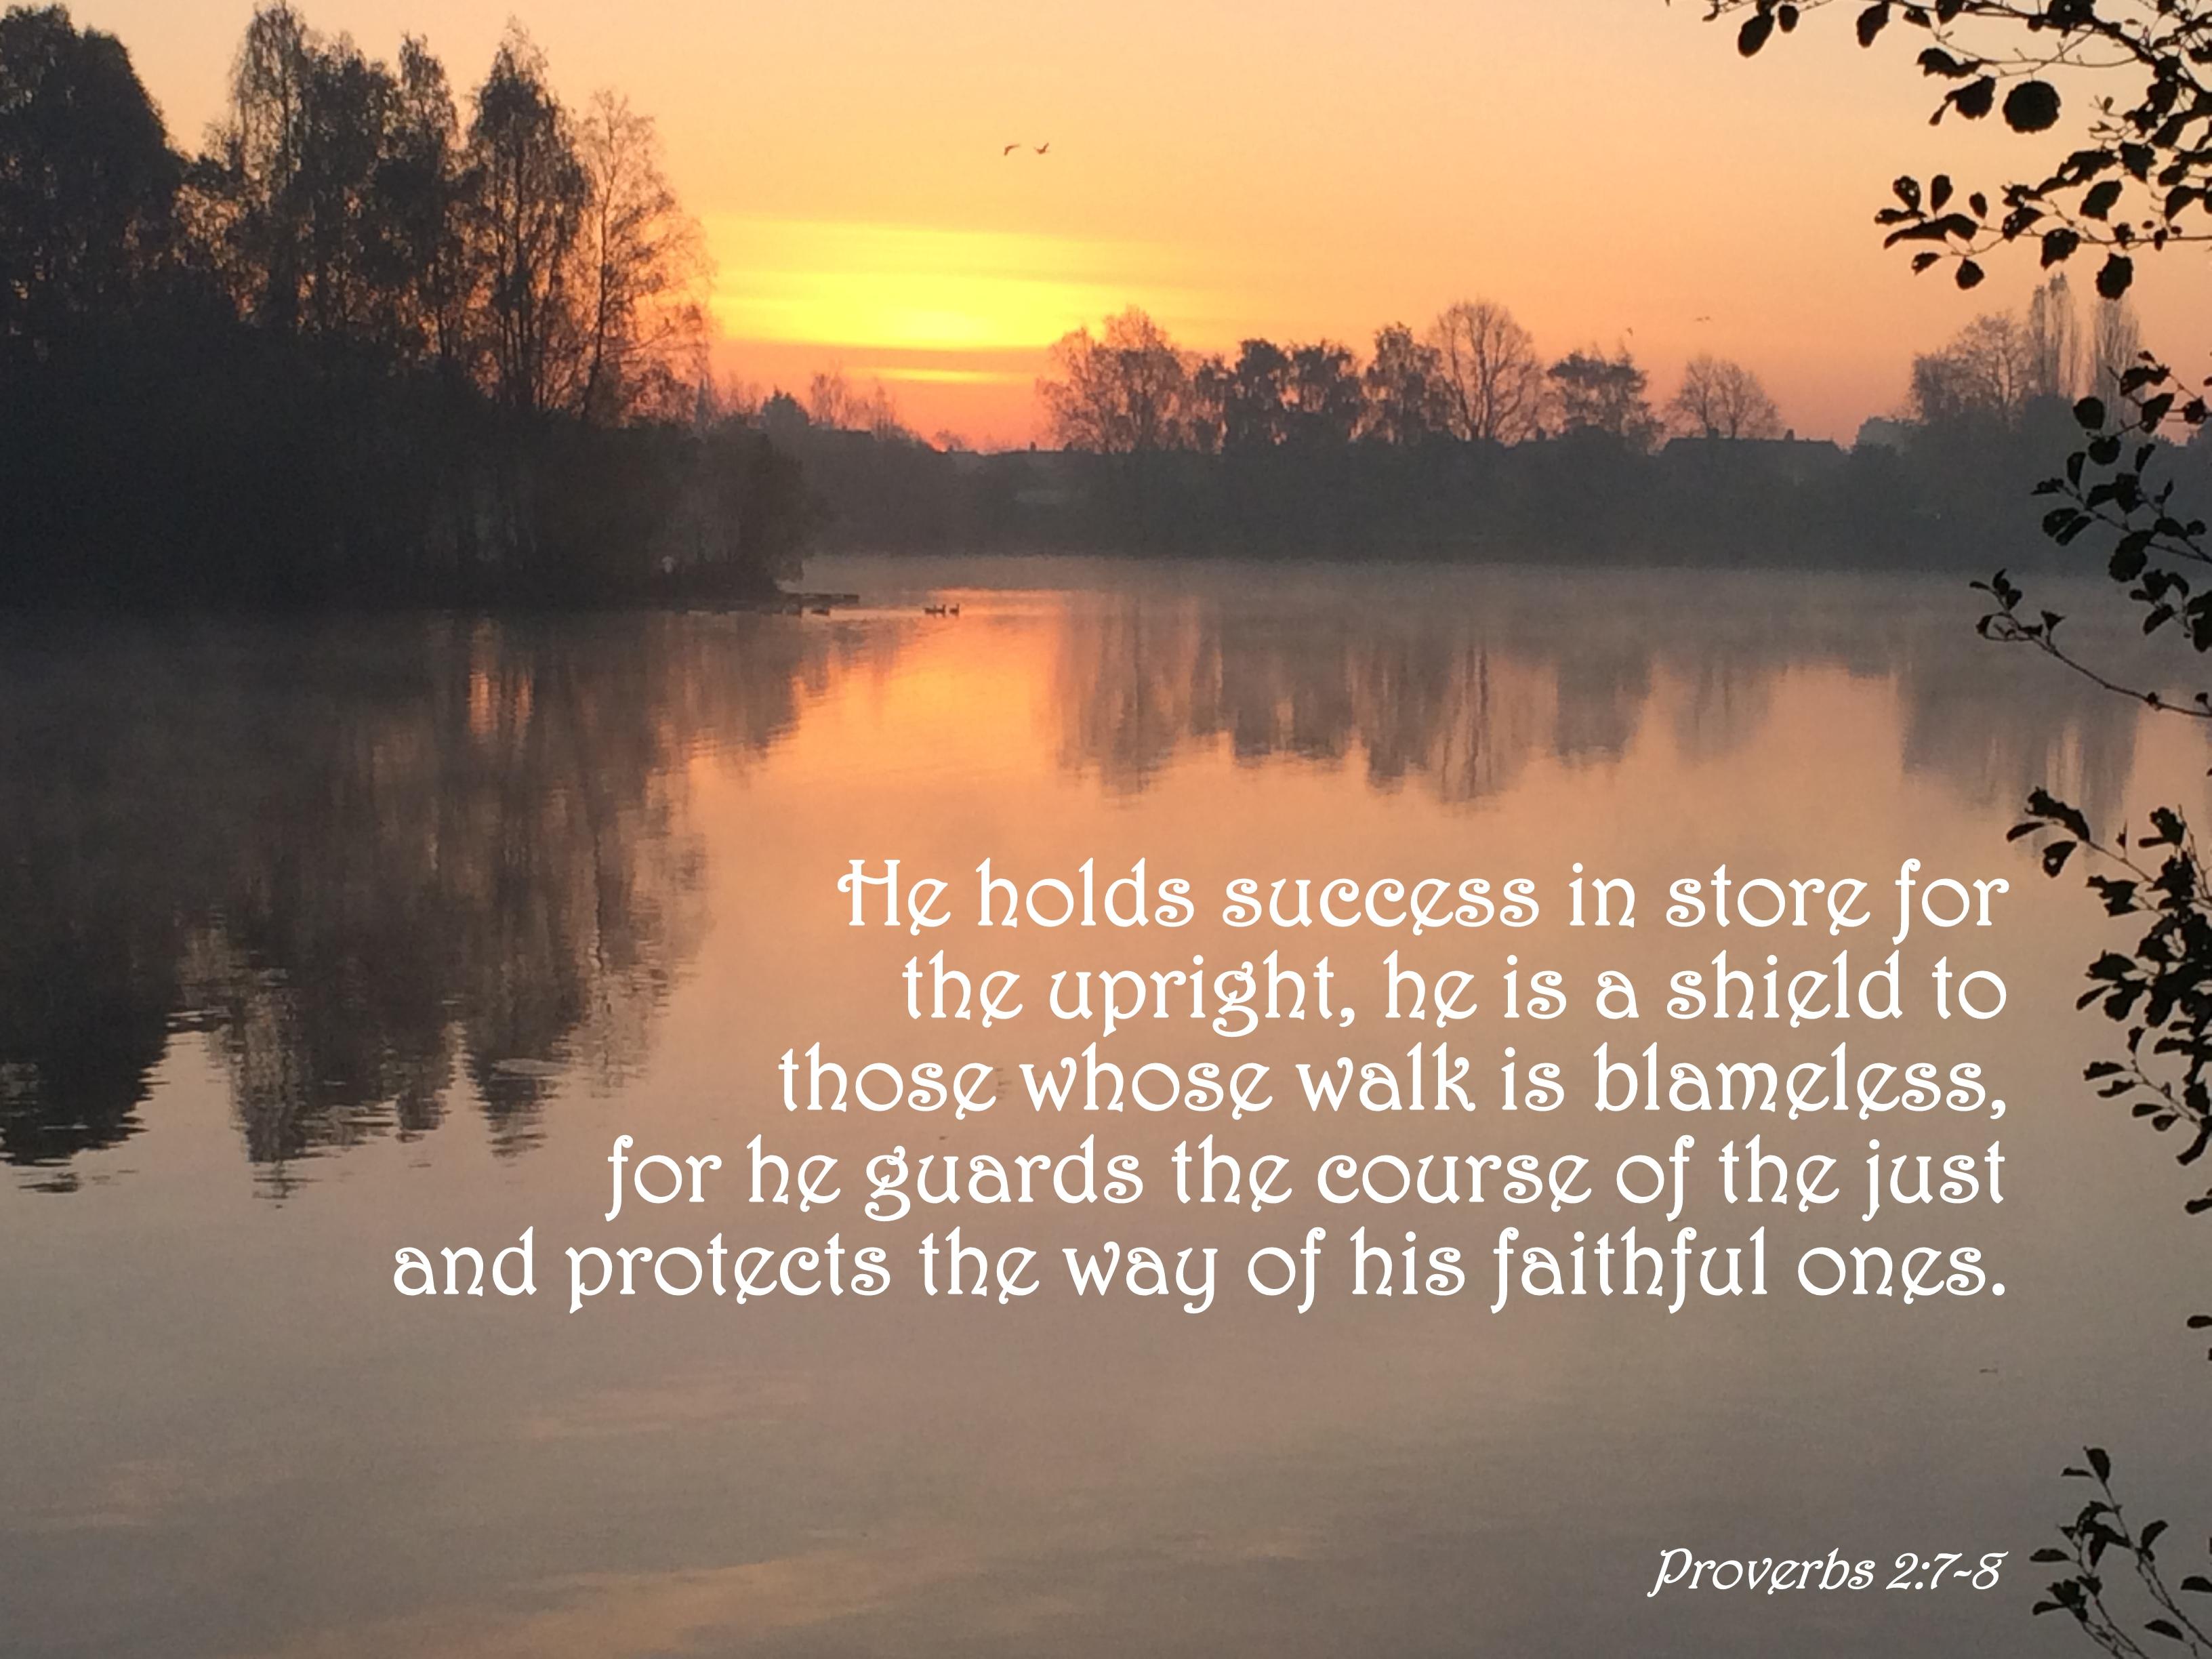 Proverbs 2 7 8